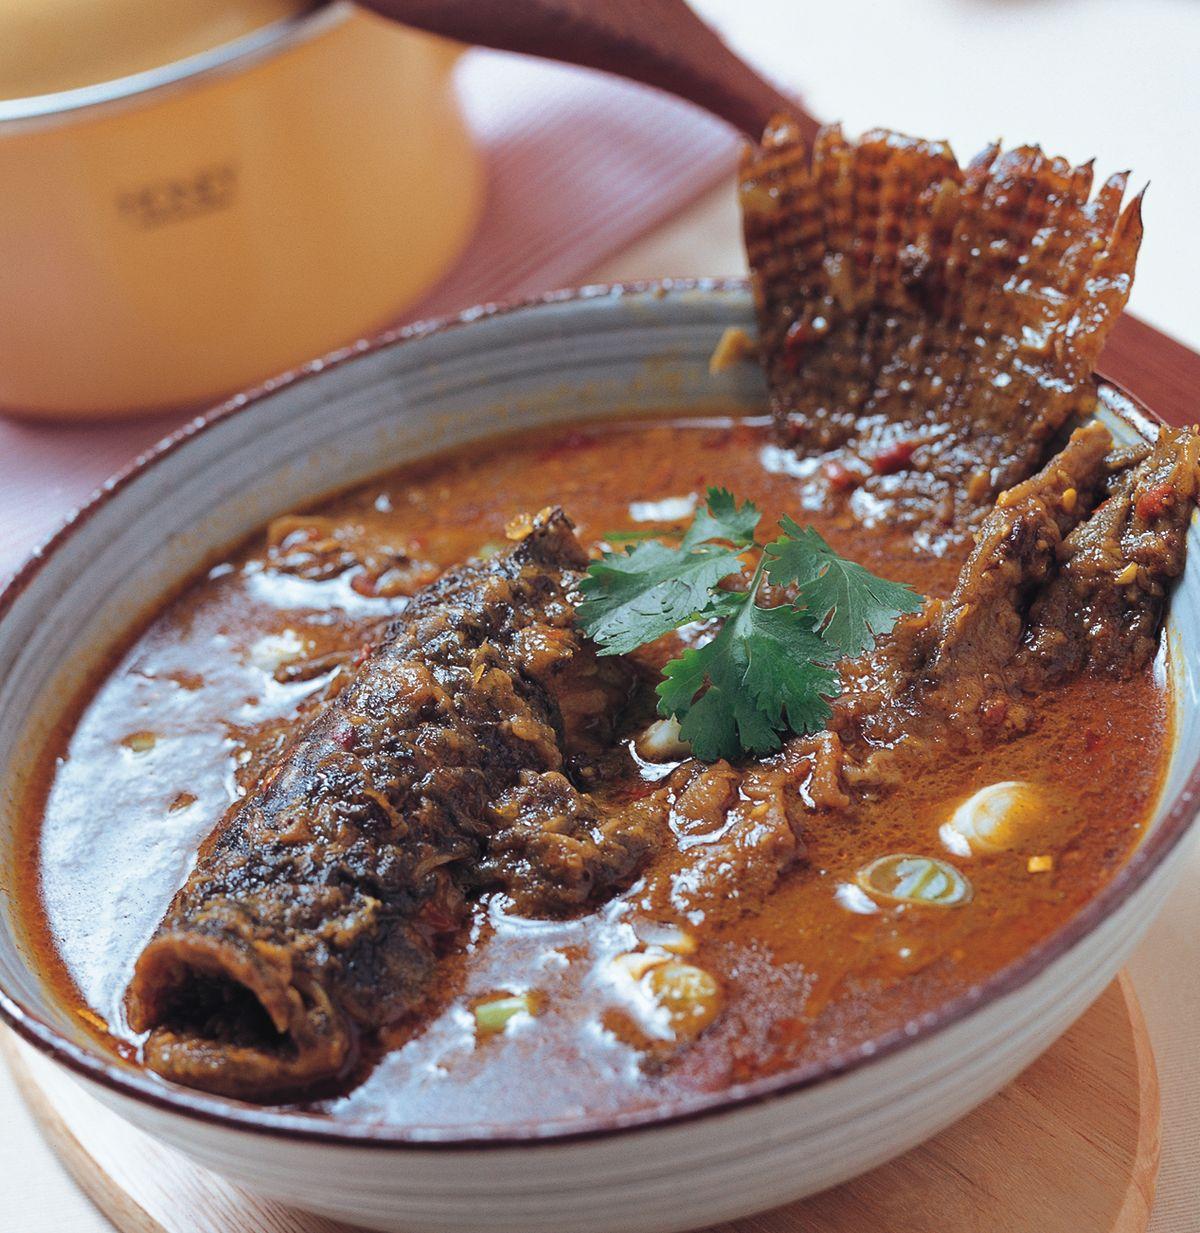 食譜:魚頭咖哩汁